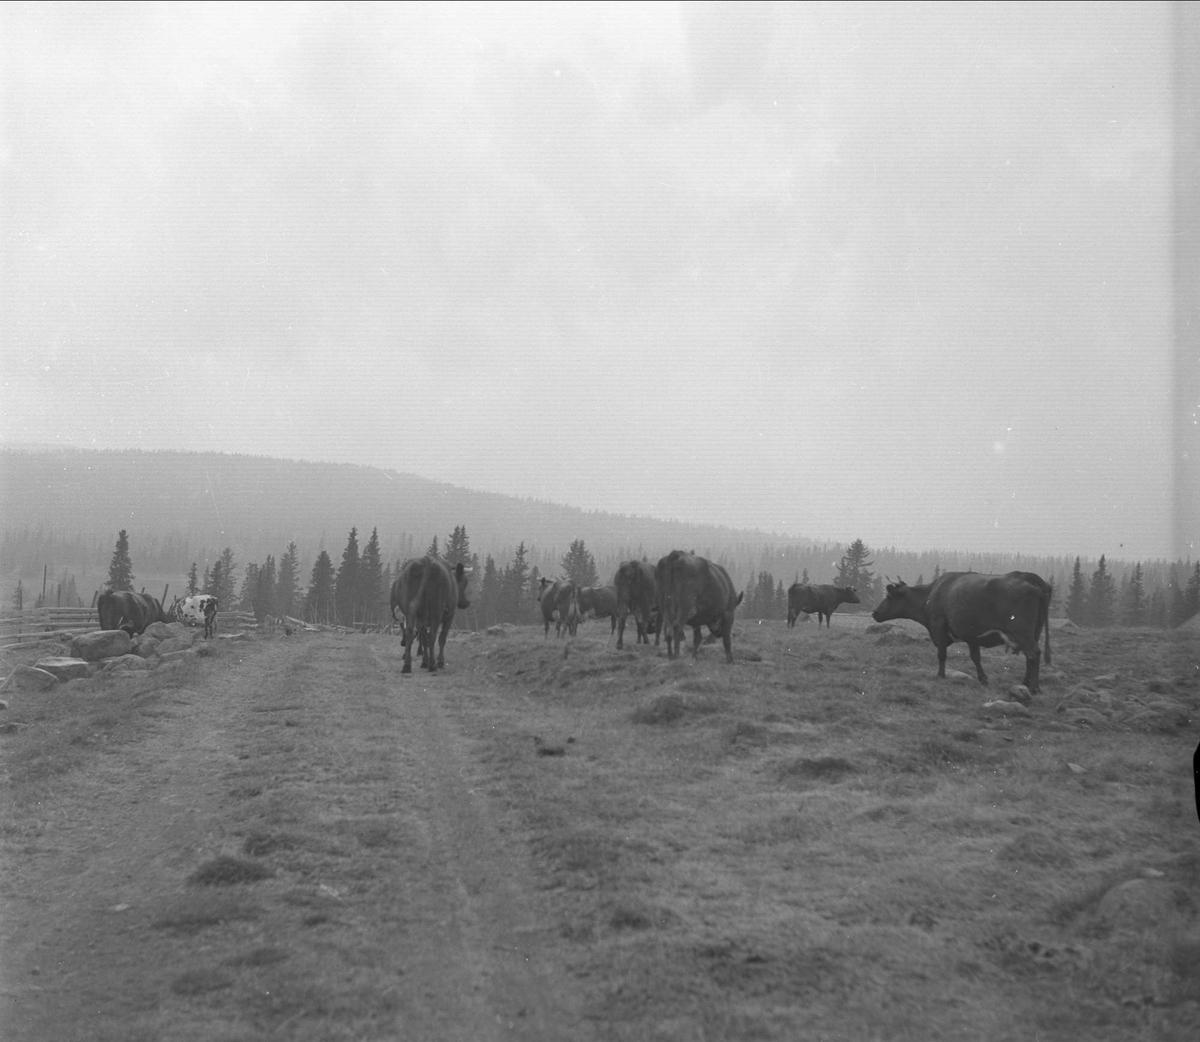 Ringsaker, Hedmark, 20.08.1955. Kuer på beite.